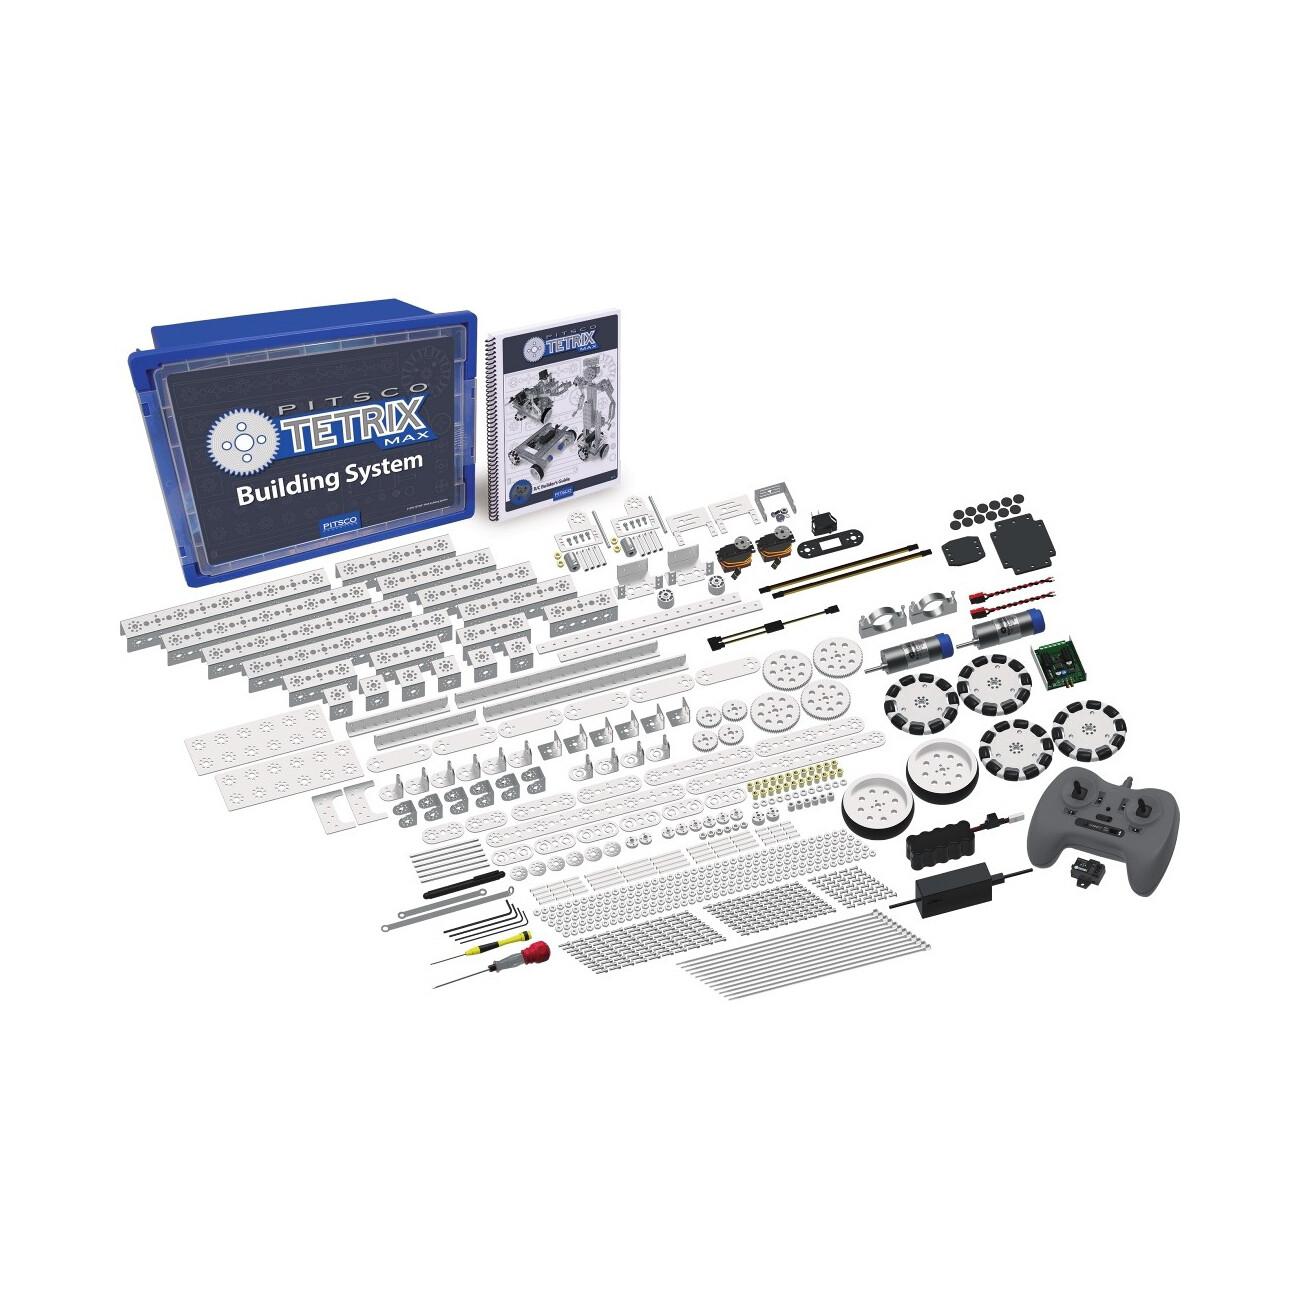 Pitsco TETRIX 41990 Робототехнический набор для создания дистанционно управляемых моделей